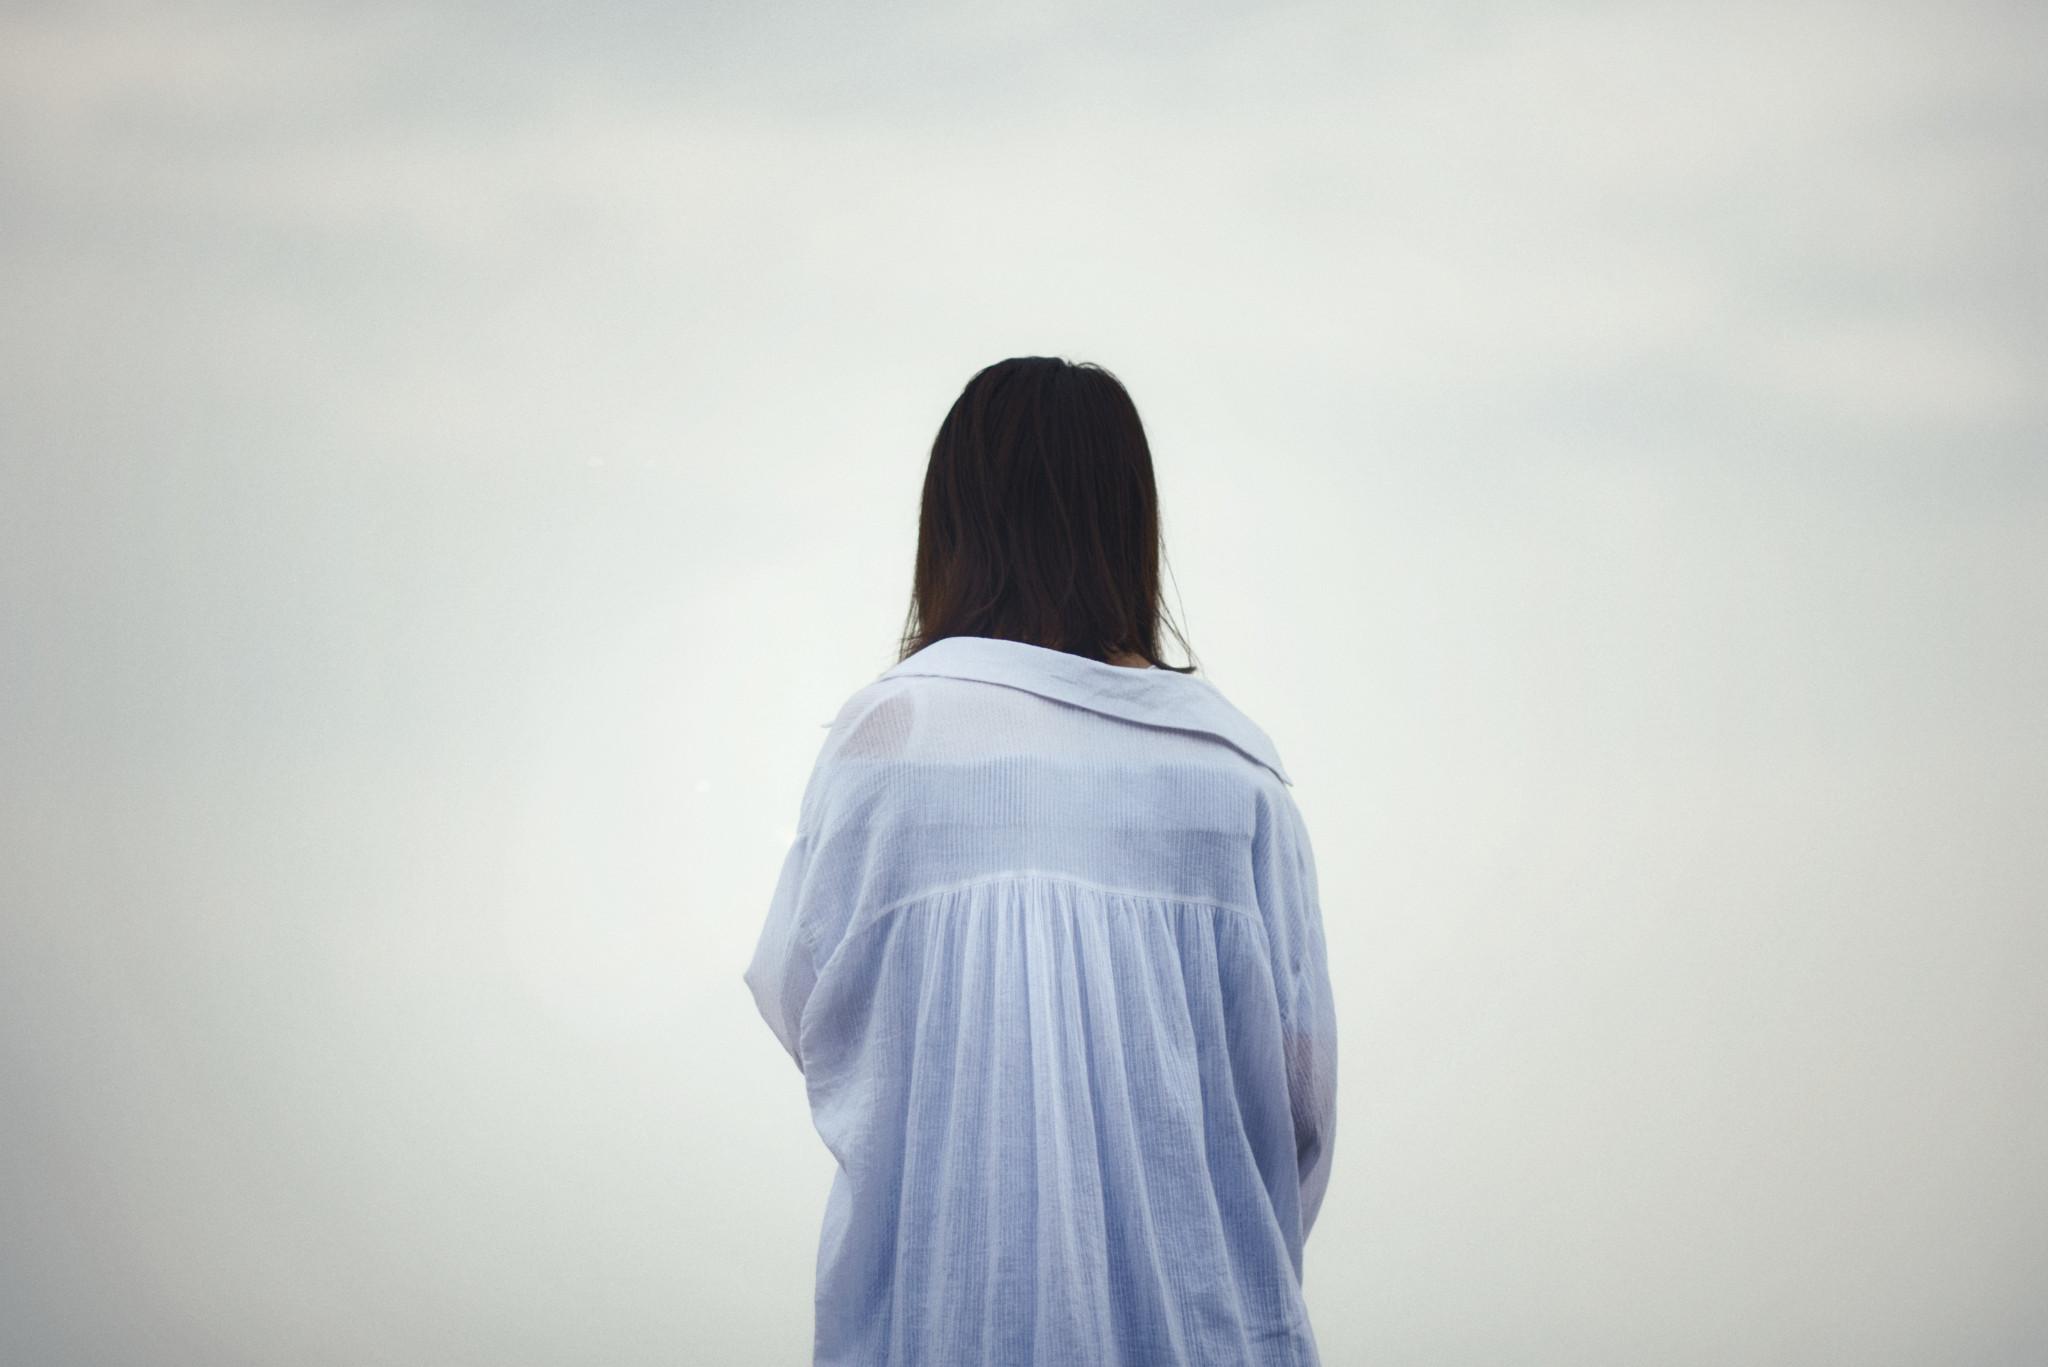 Mörkhårig person blickar ut mot mulen horisont iklädd oversized skjorta.